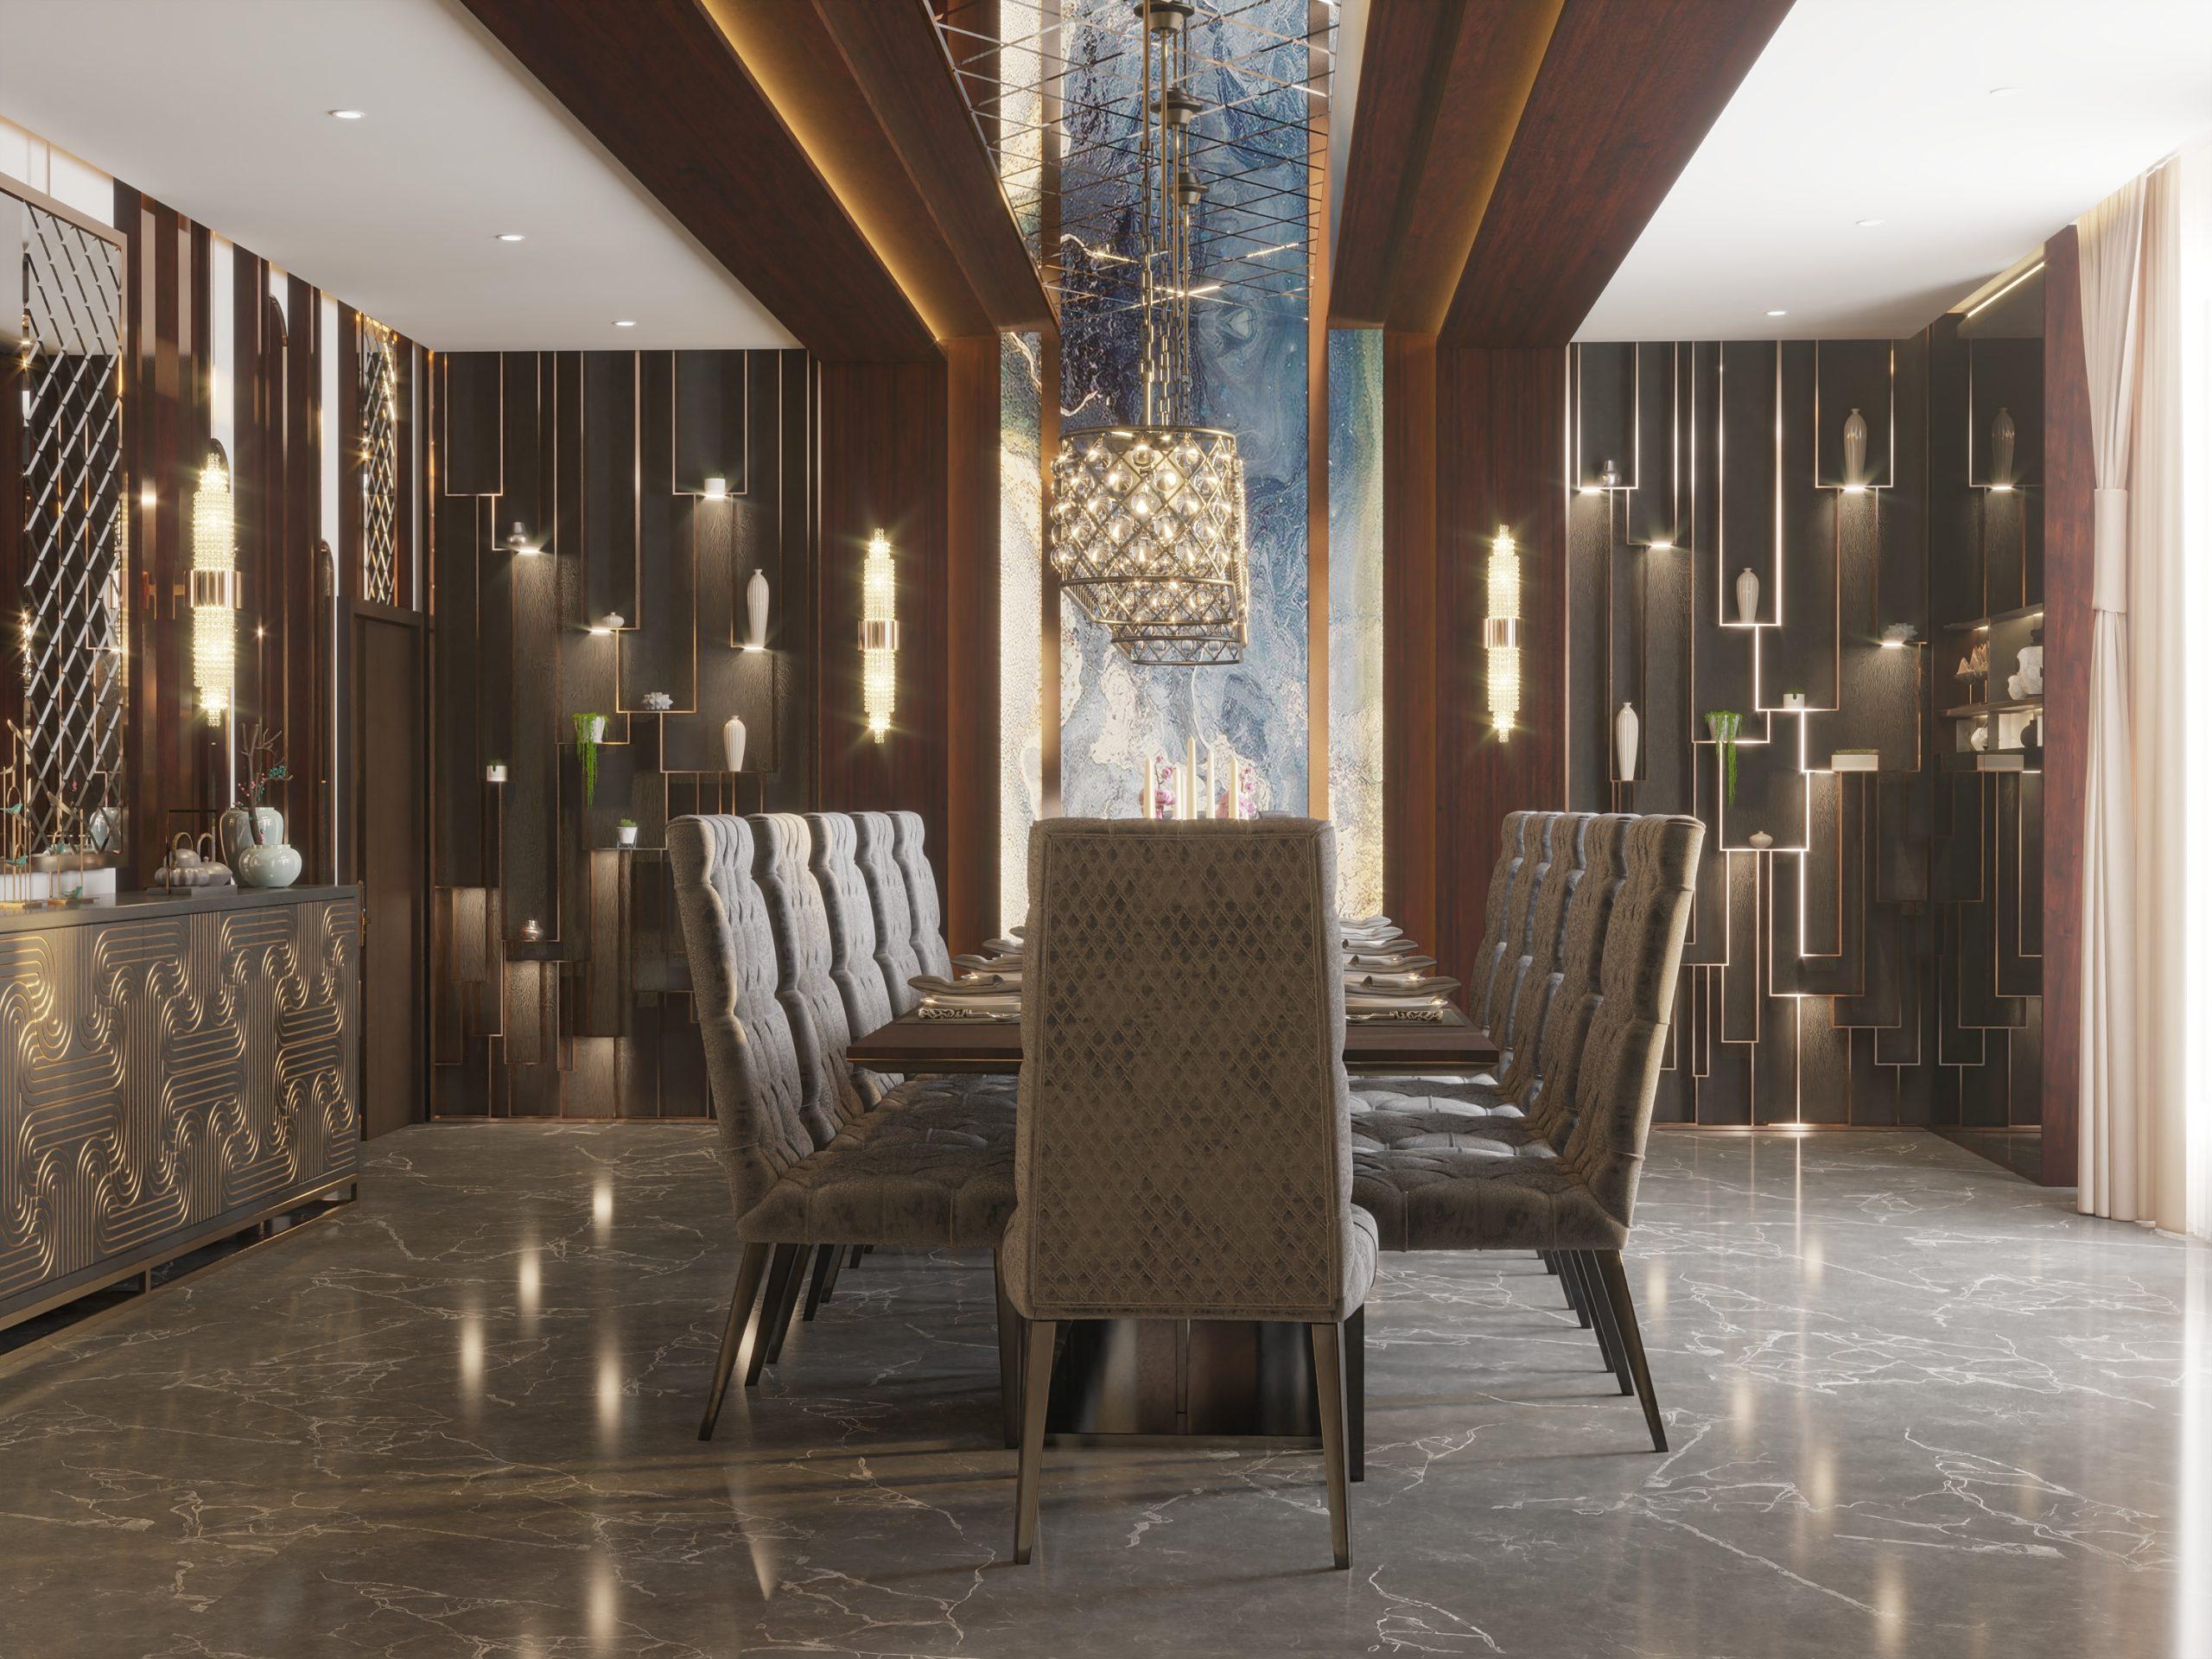 MAIN PARTS OF A VILLA -dining room